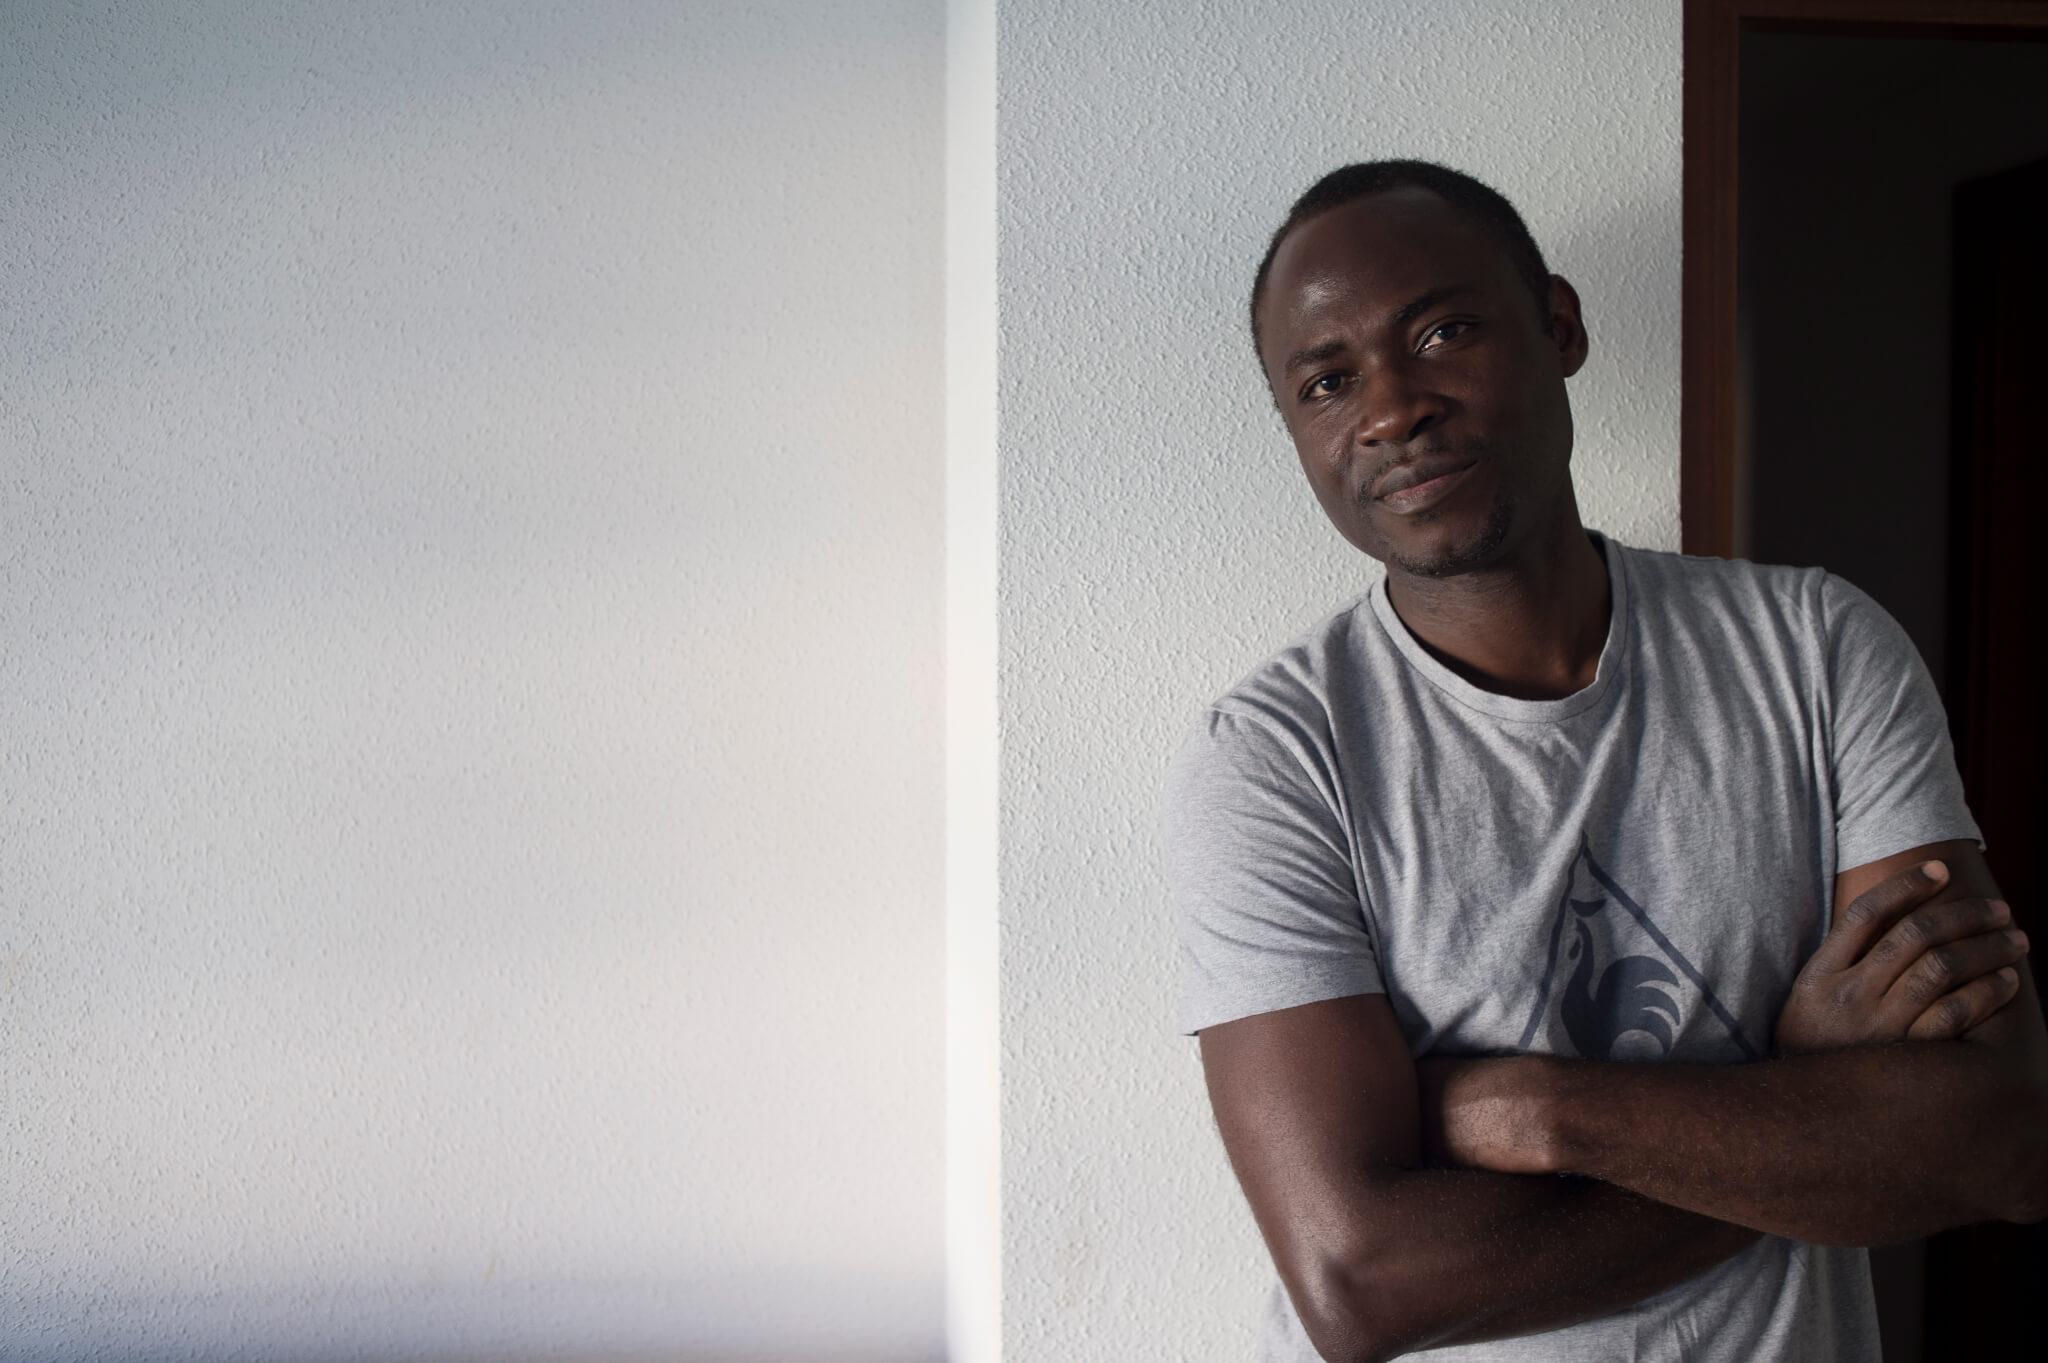 Serge llegó con la promesa de un trabajo que no se cumplió. Foto Iñaki Porto.